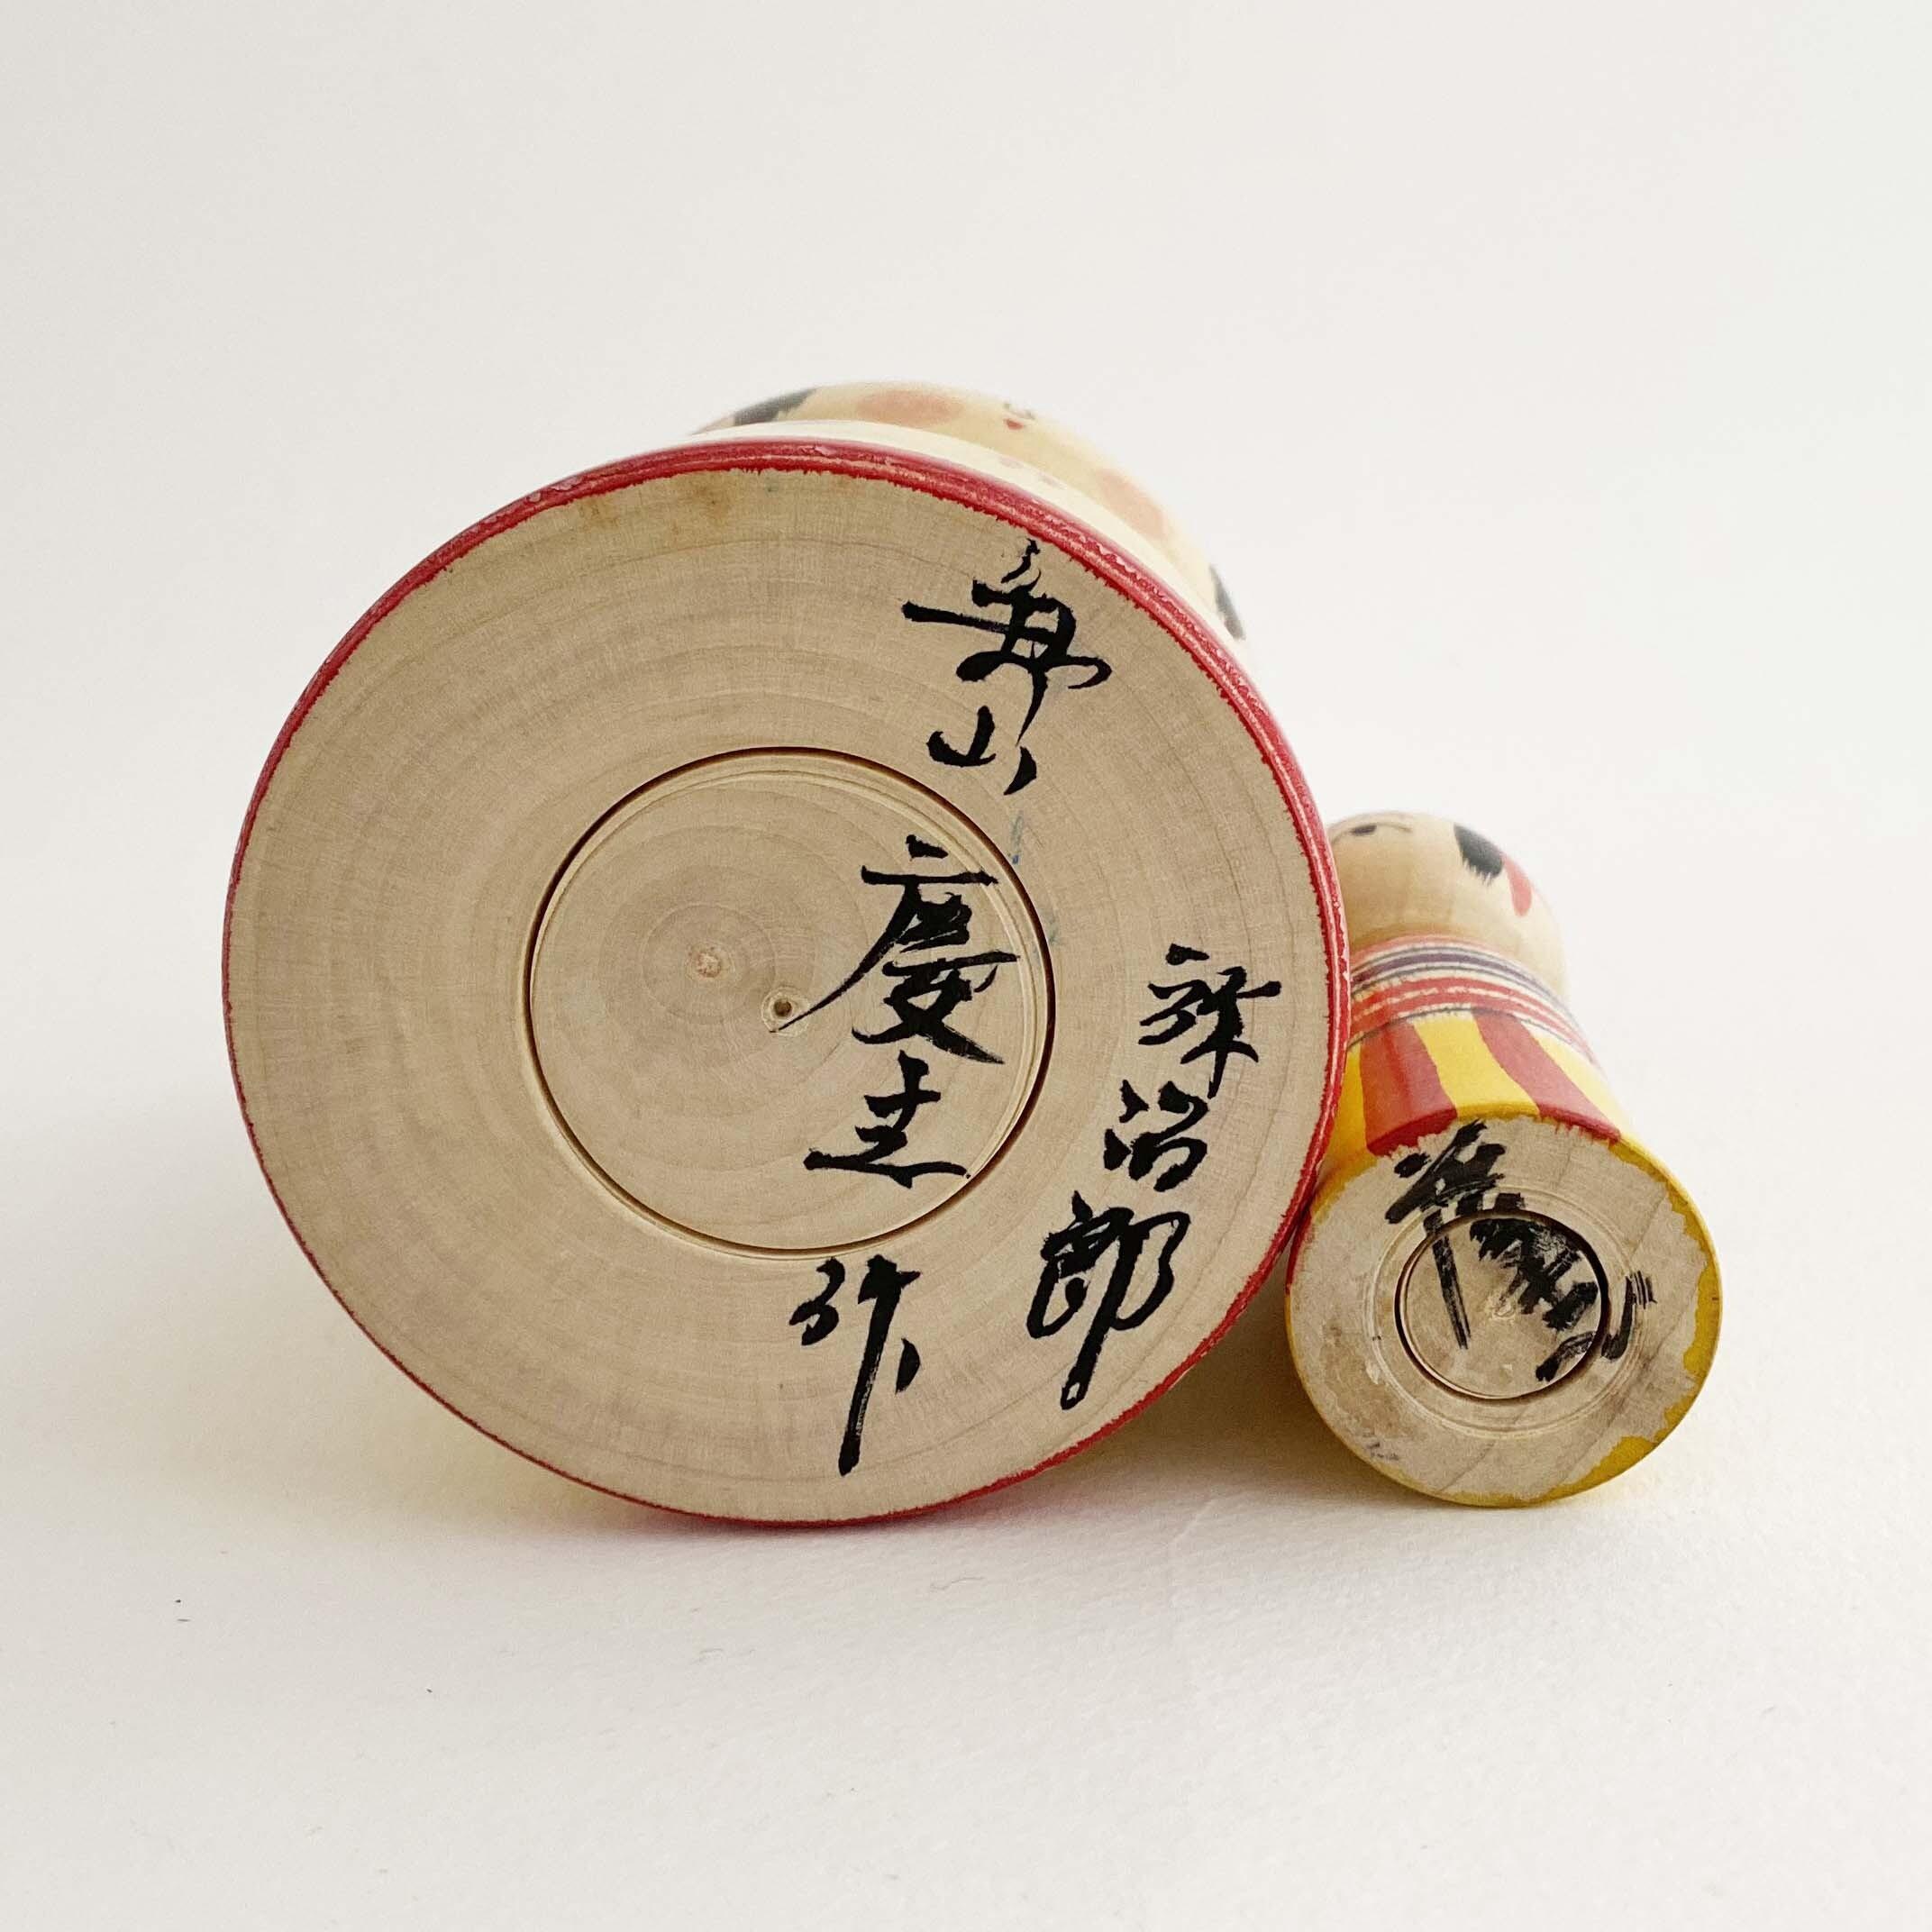 弥治郎系/新山慶志工人(ペン立てとこけしセット)